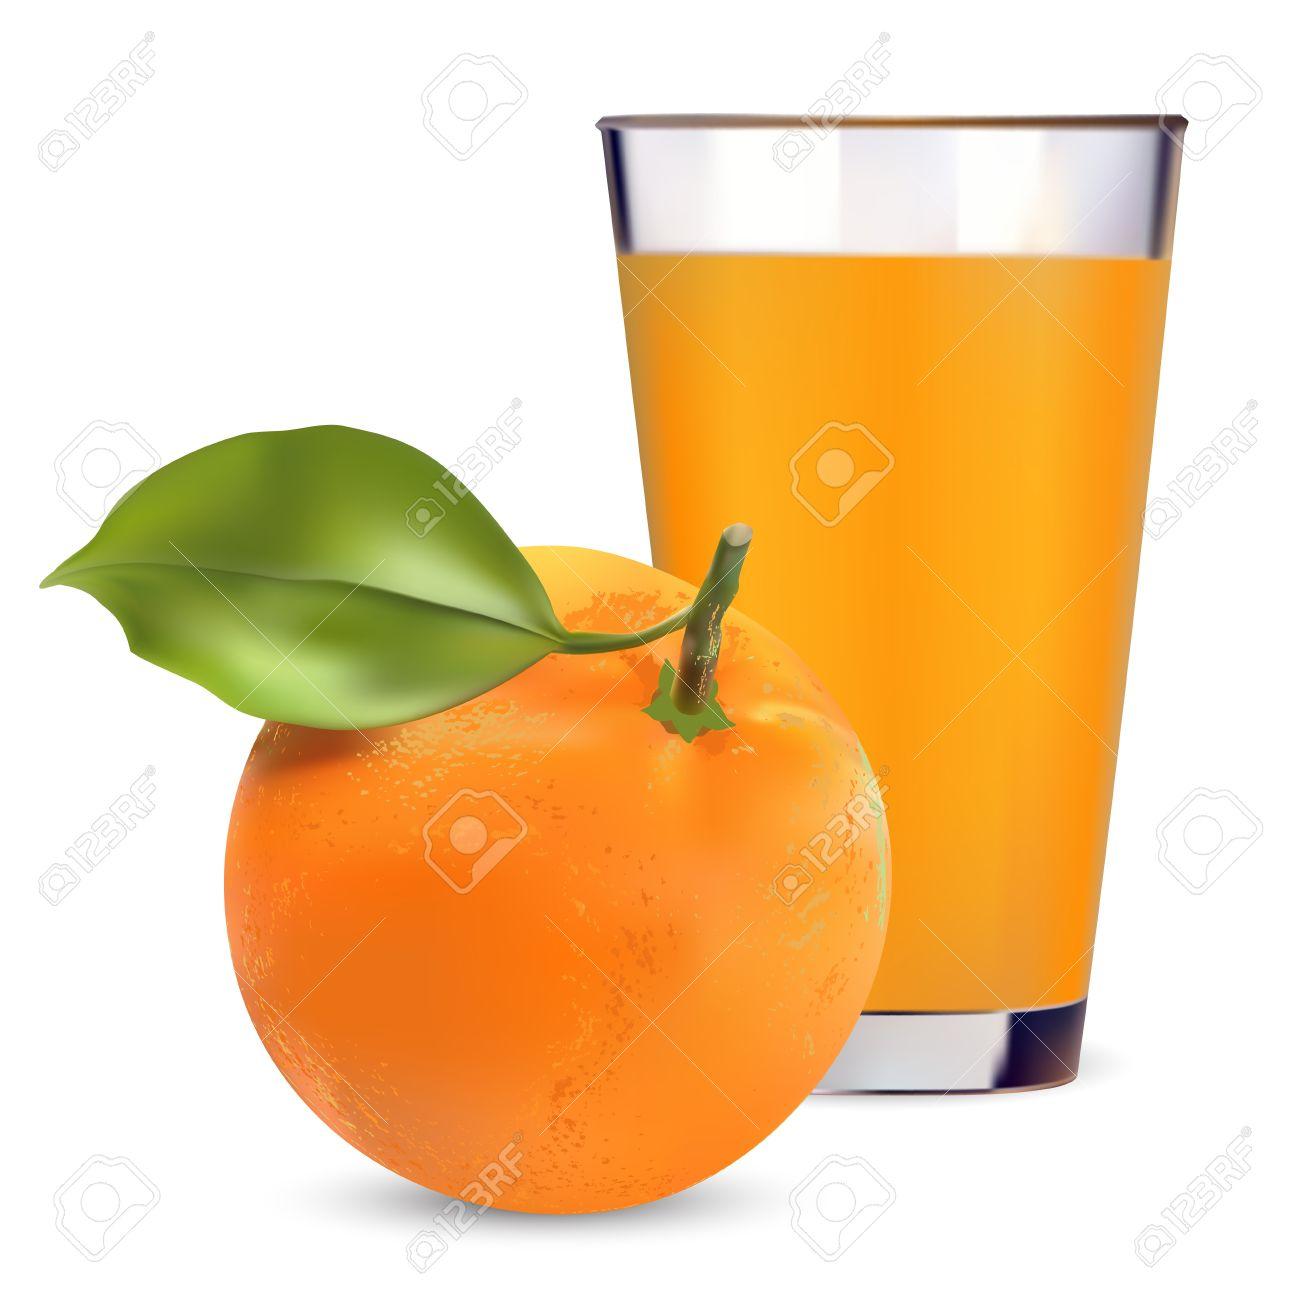 oranges and orange juice on white background - 13739225